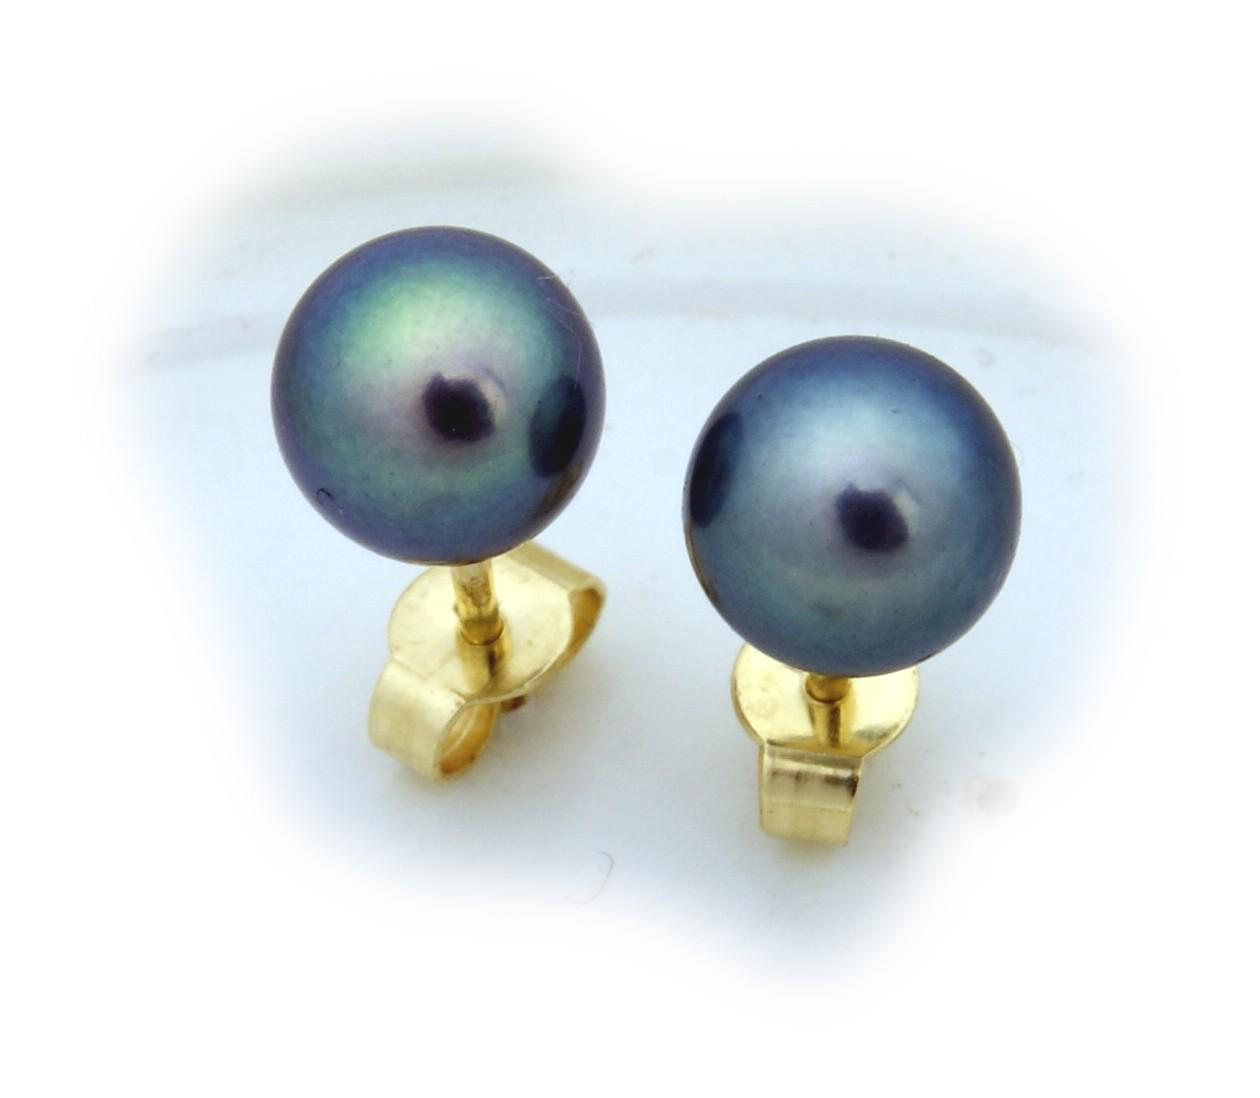 Damen Ohrringe echt Süßwasserzuchtperlen grau 7 mm echt Gold 585 Gelbgold Perlen